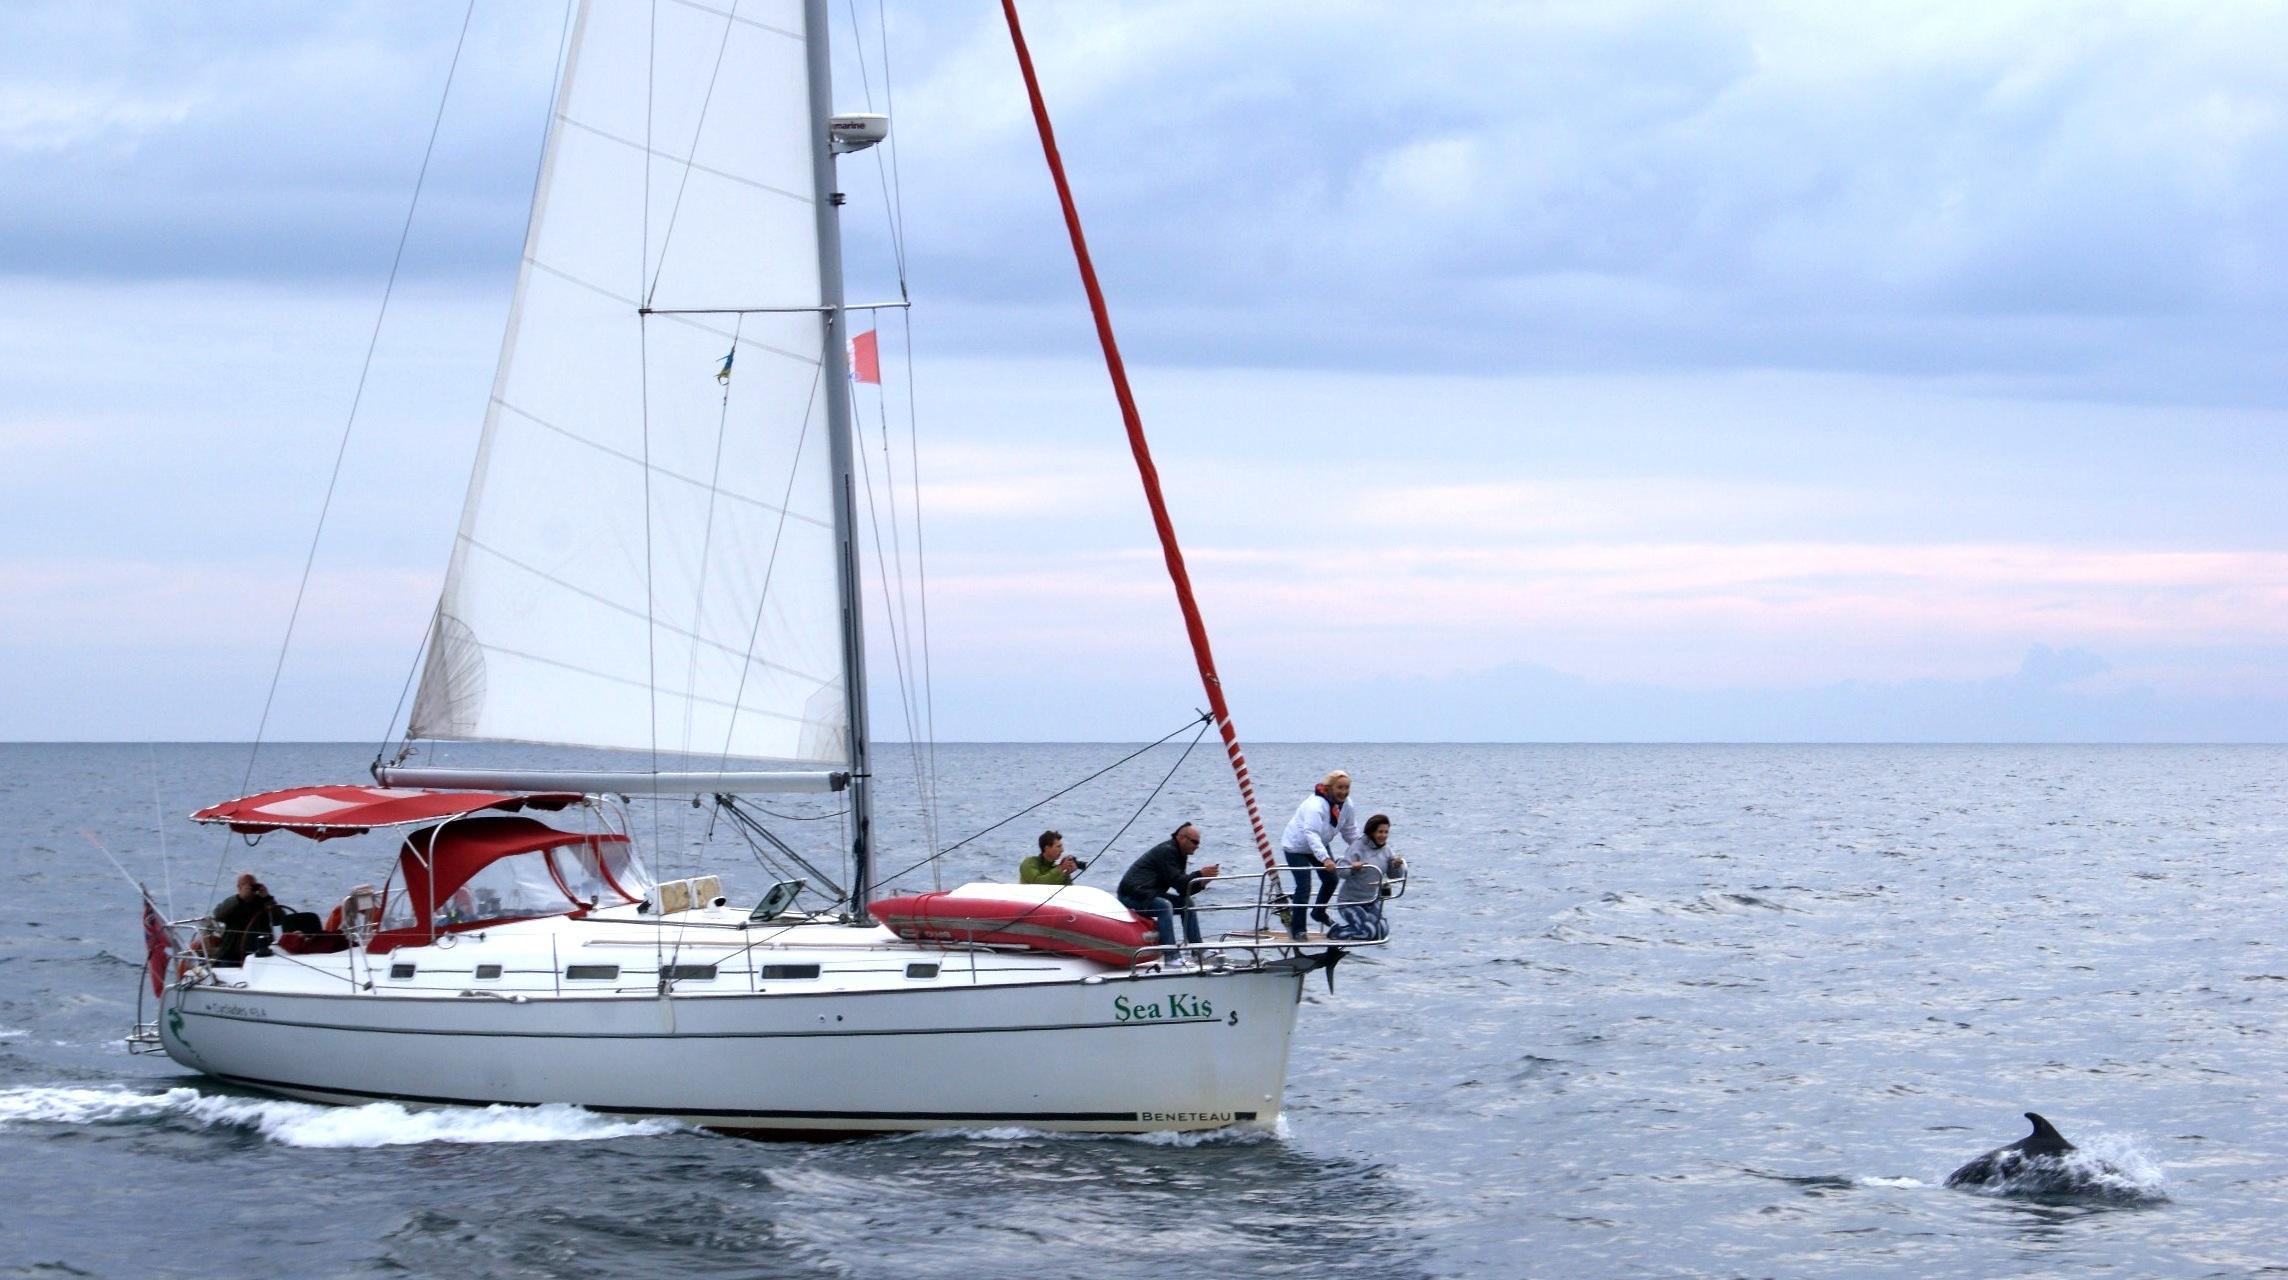 Prezzo noleggio barca Alghero